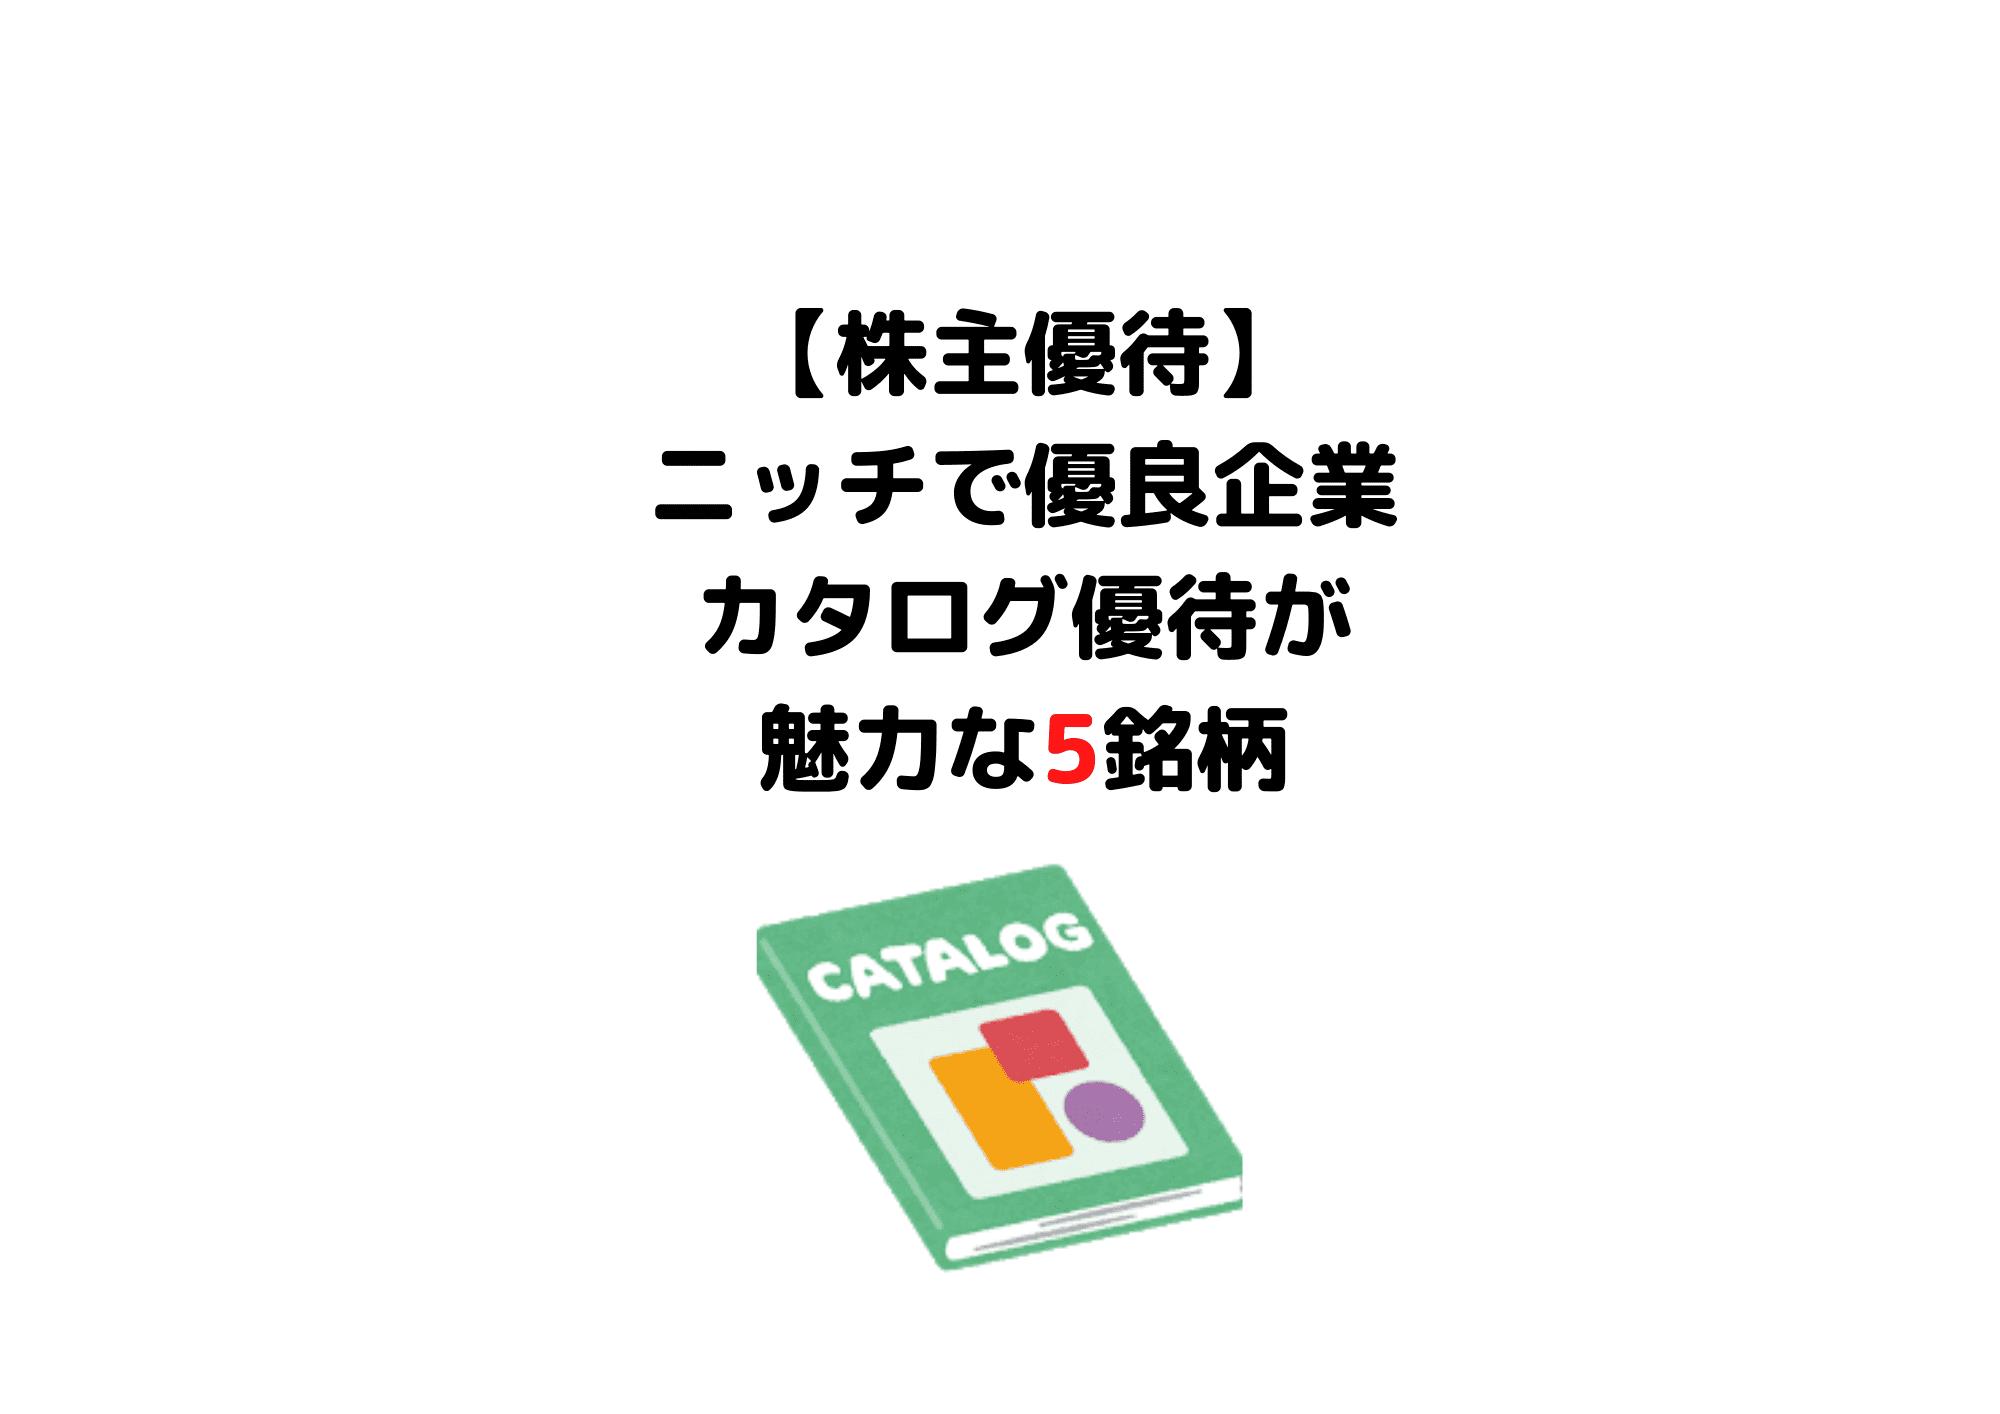 株主優待 カタログ